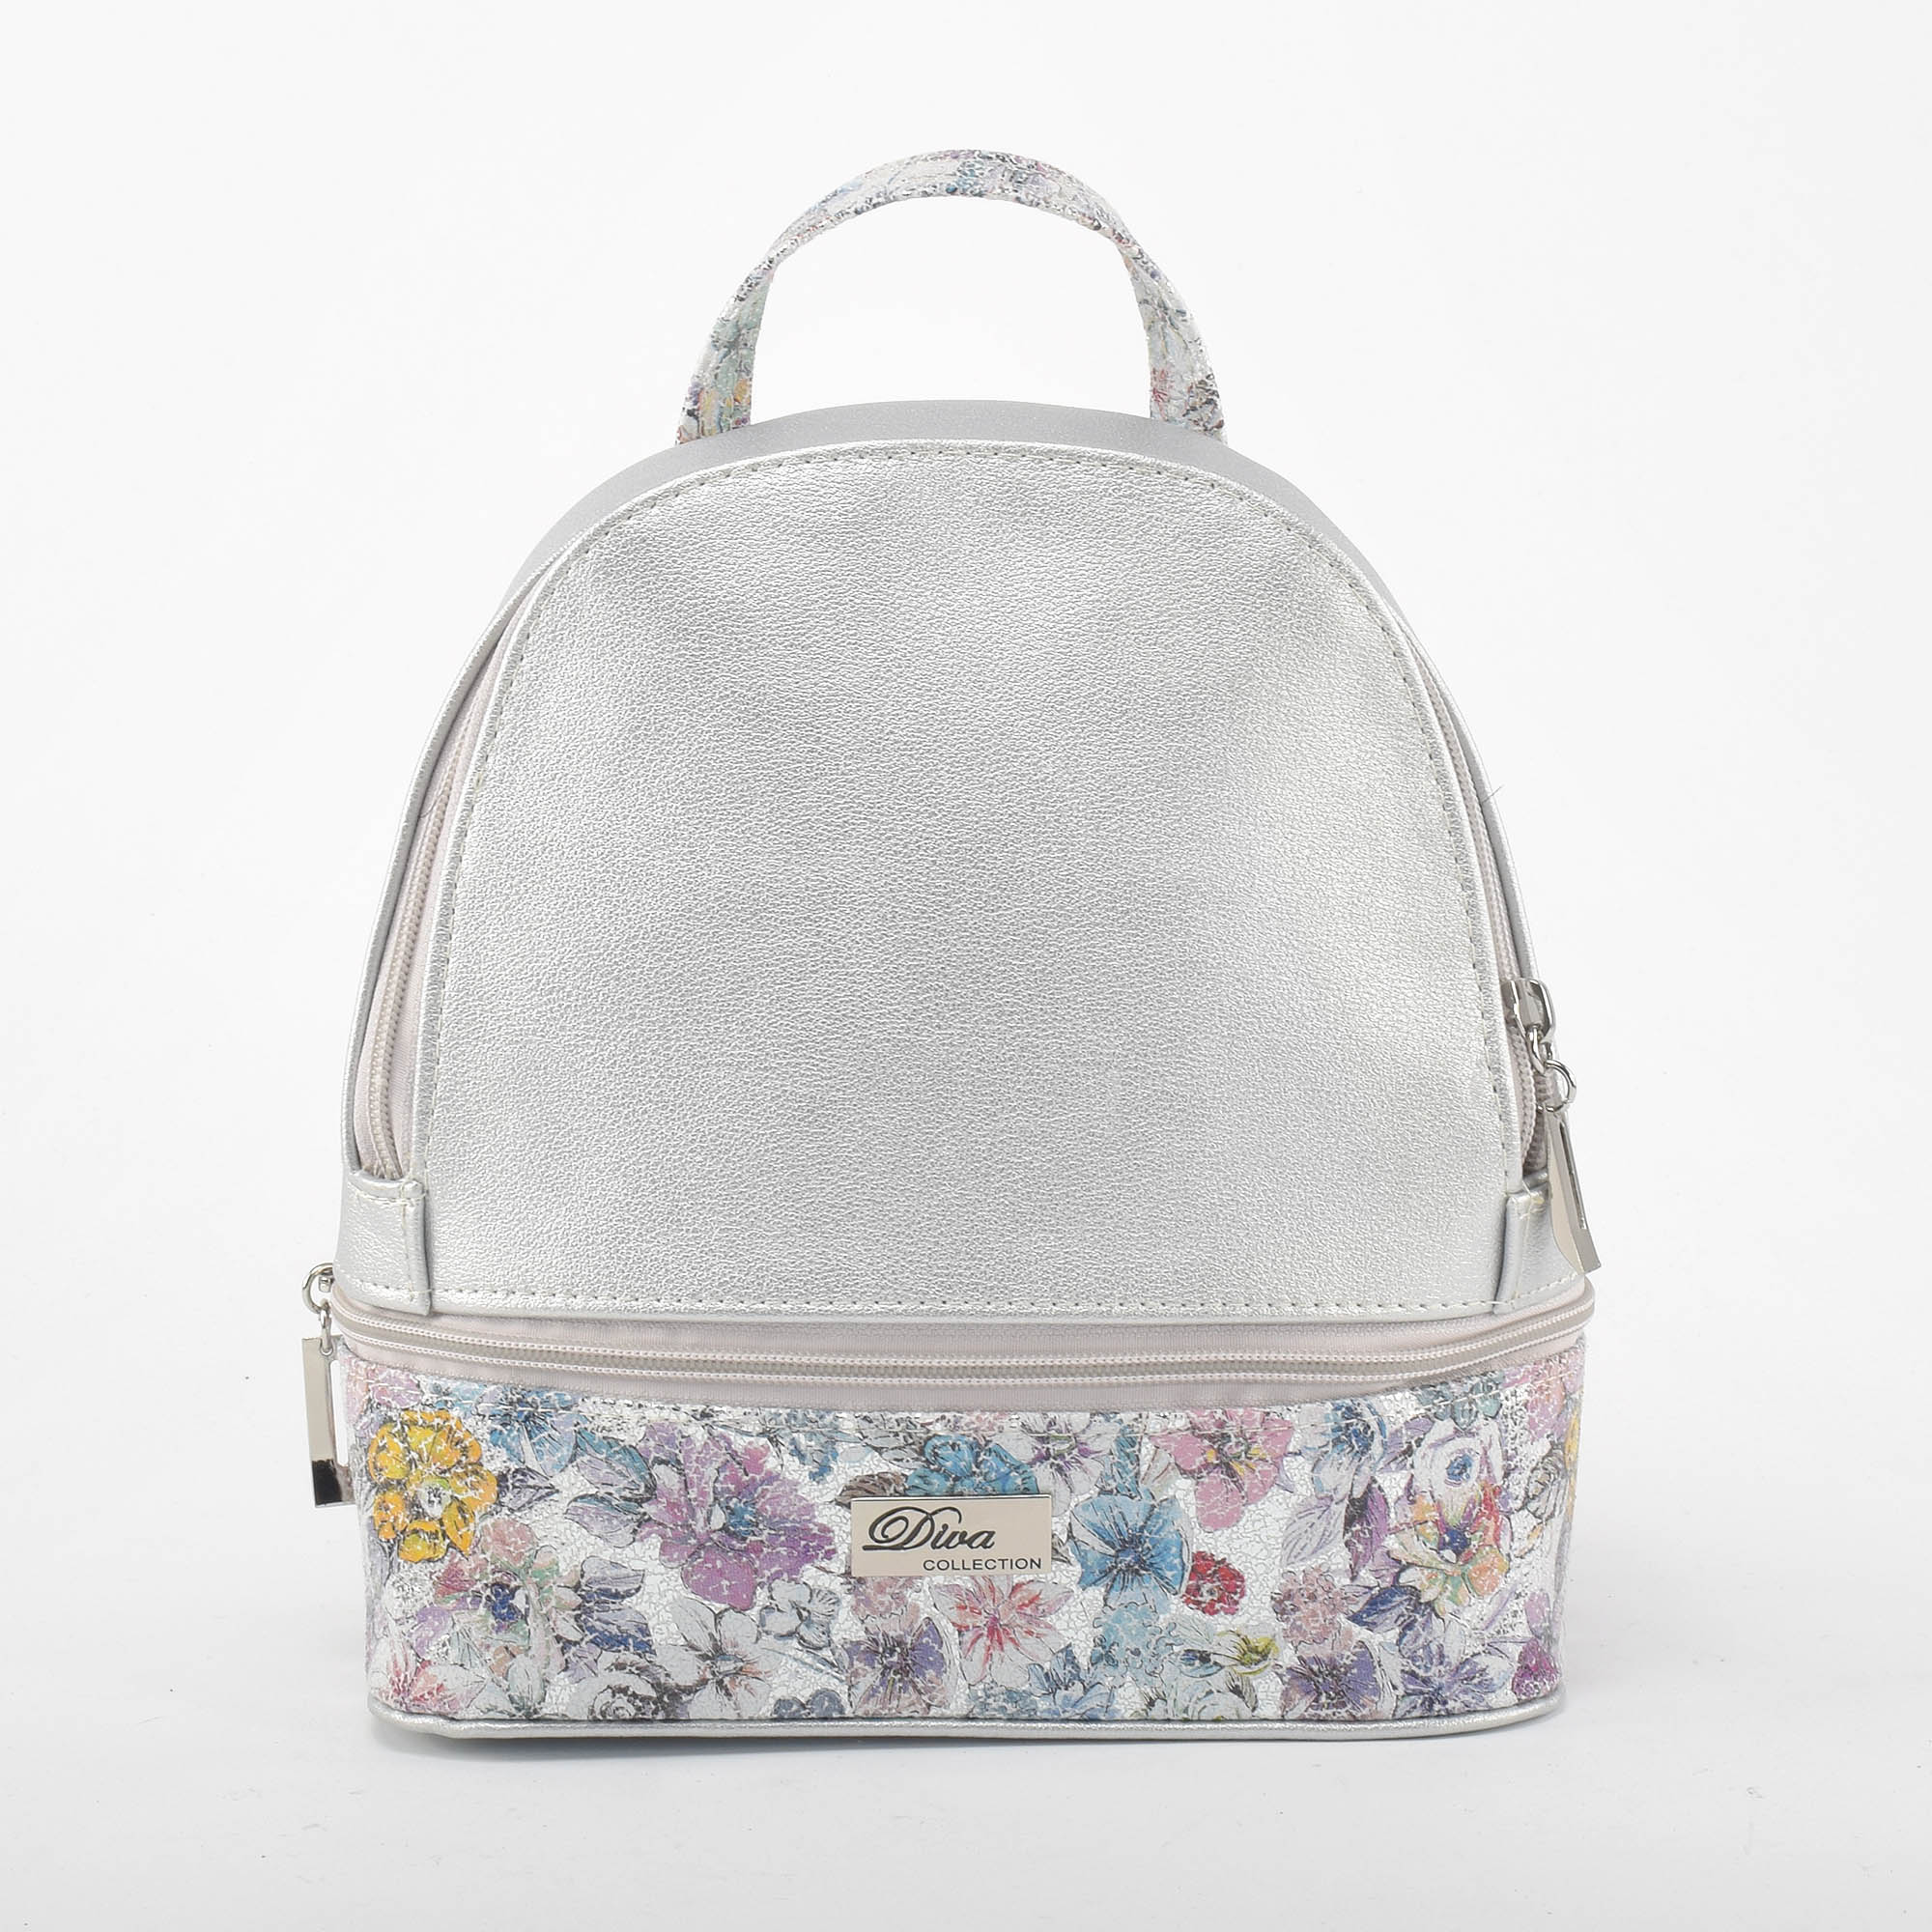 1282d483307a Diva Női Ezüst virágos Műbőr Hátizsák - Műbőr - Táska webáruház - Minőségi  táskák mindenkinek